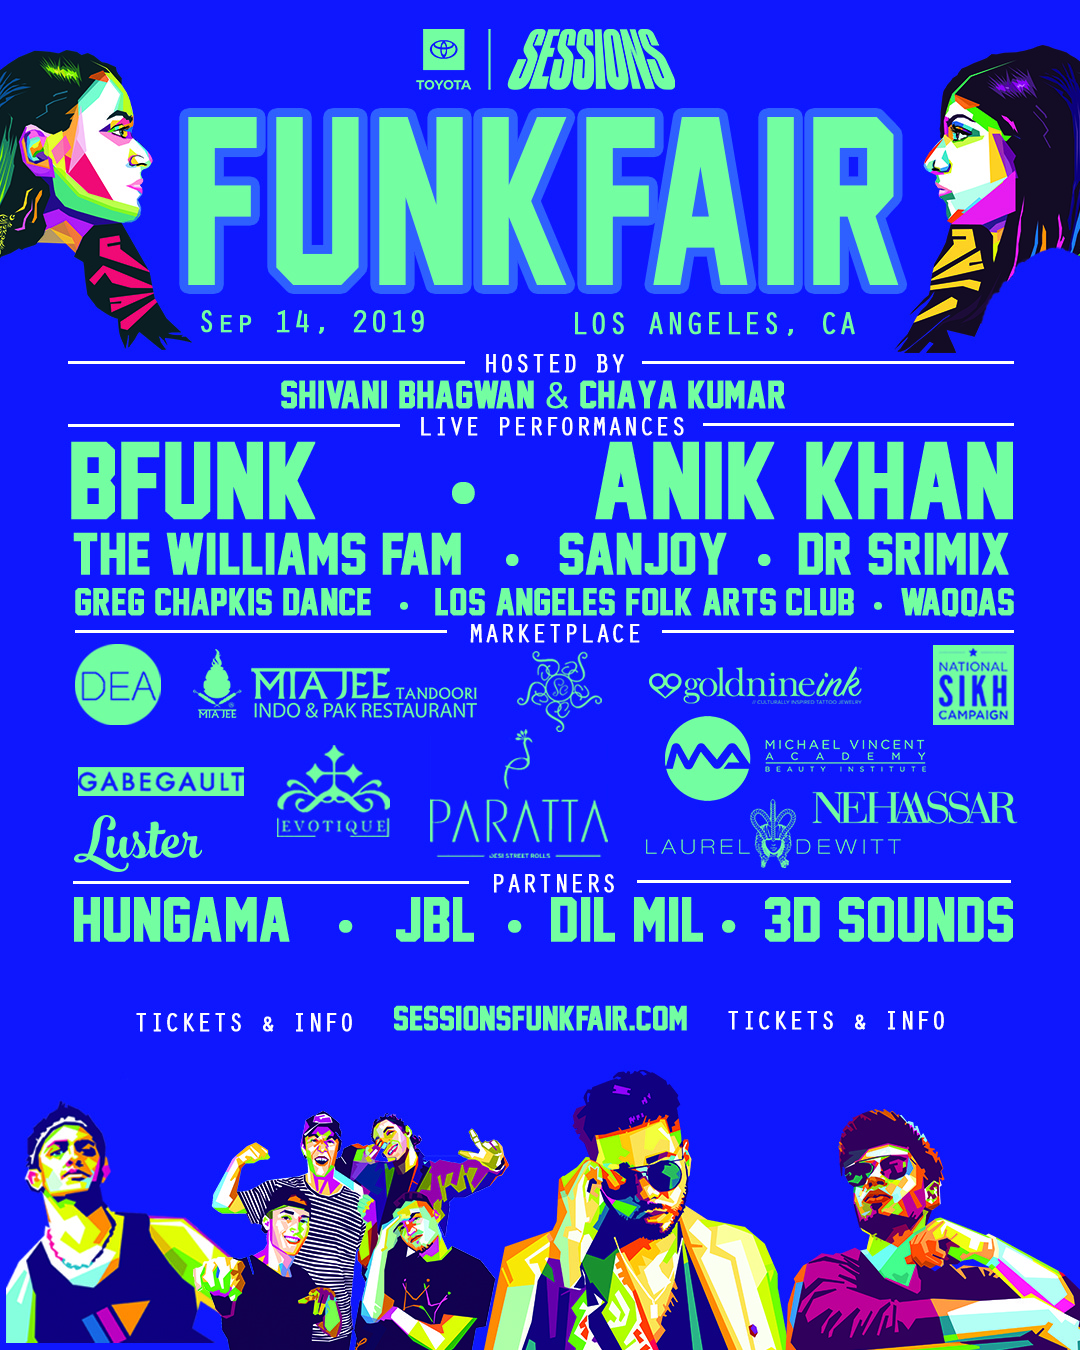 #FunkFair